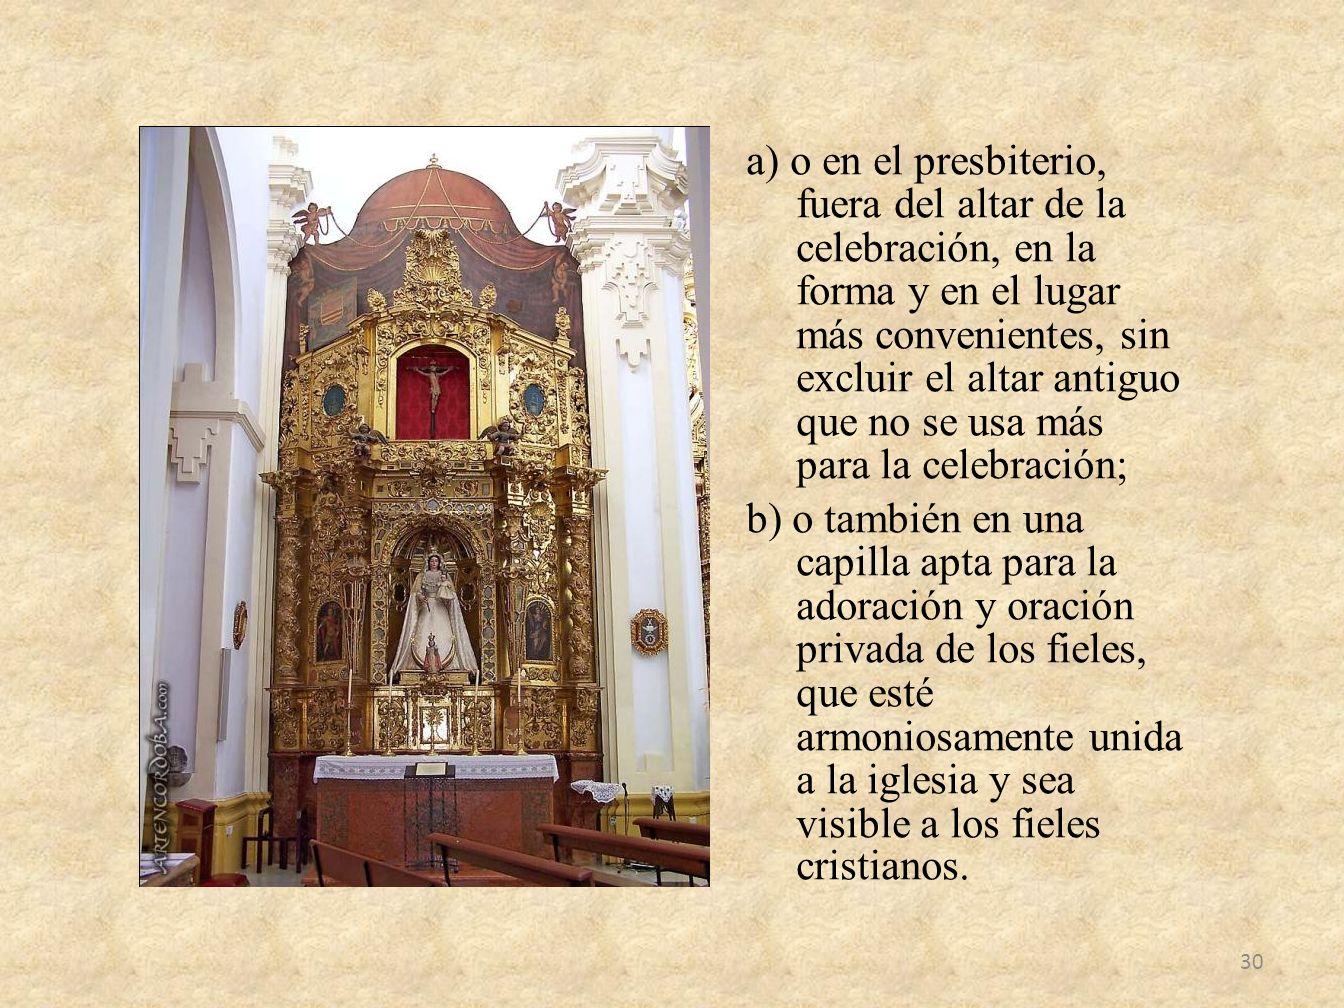 a) o en el presbiterio, fuera del altar de la celebración, en la forma y en el lugar más convenientes, sin excluir el altar antiguo que no se usa más